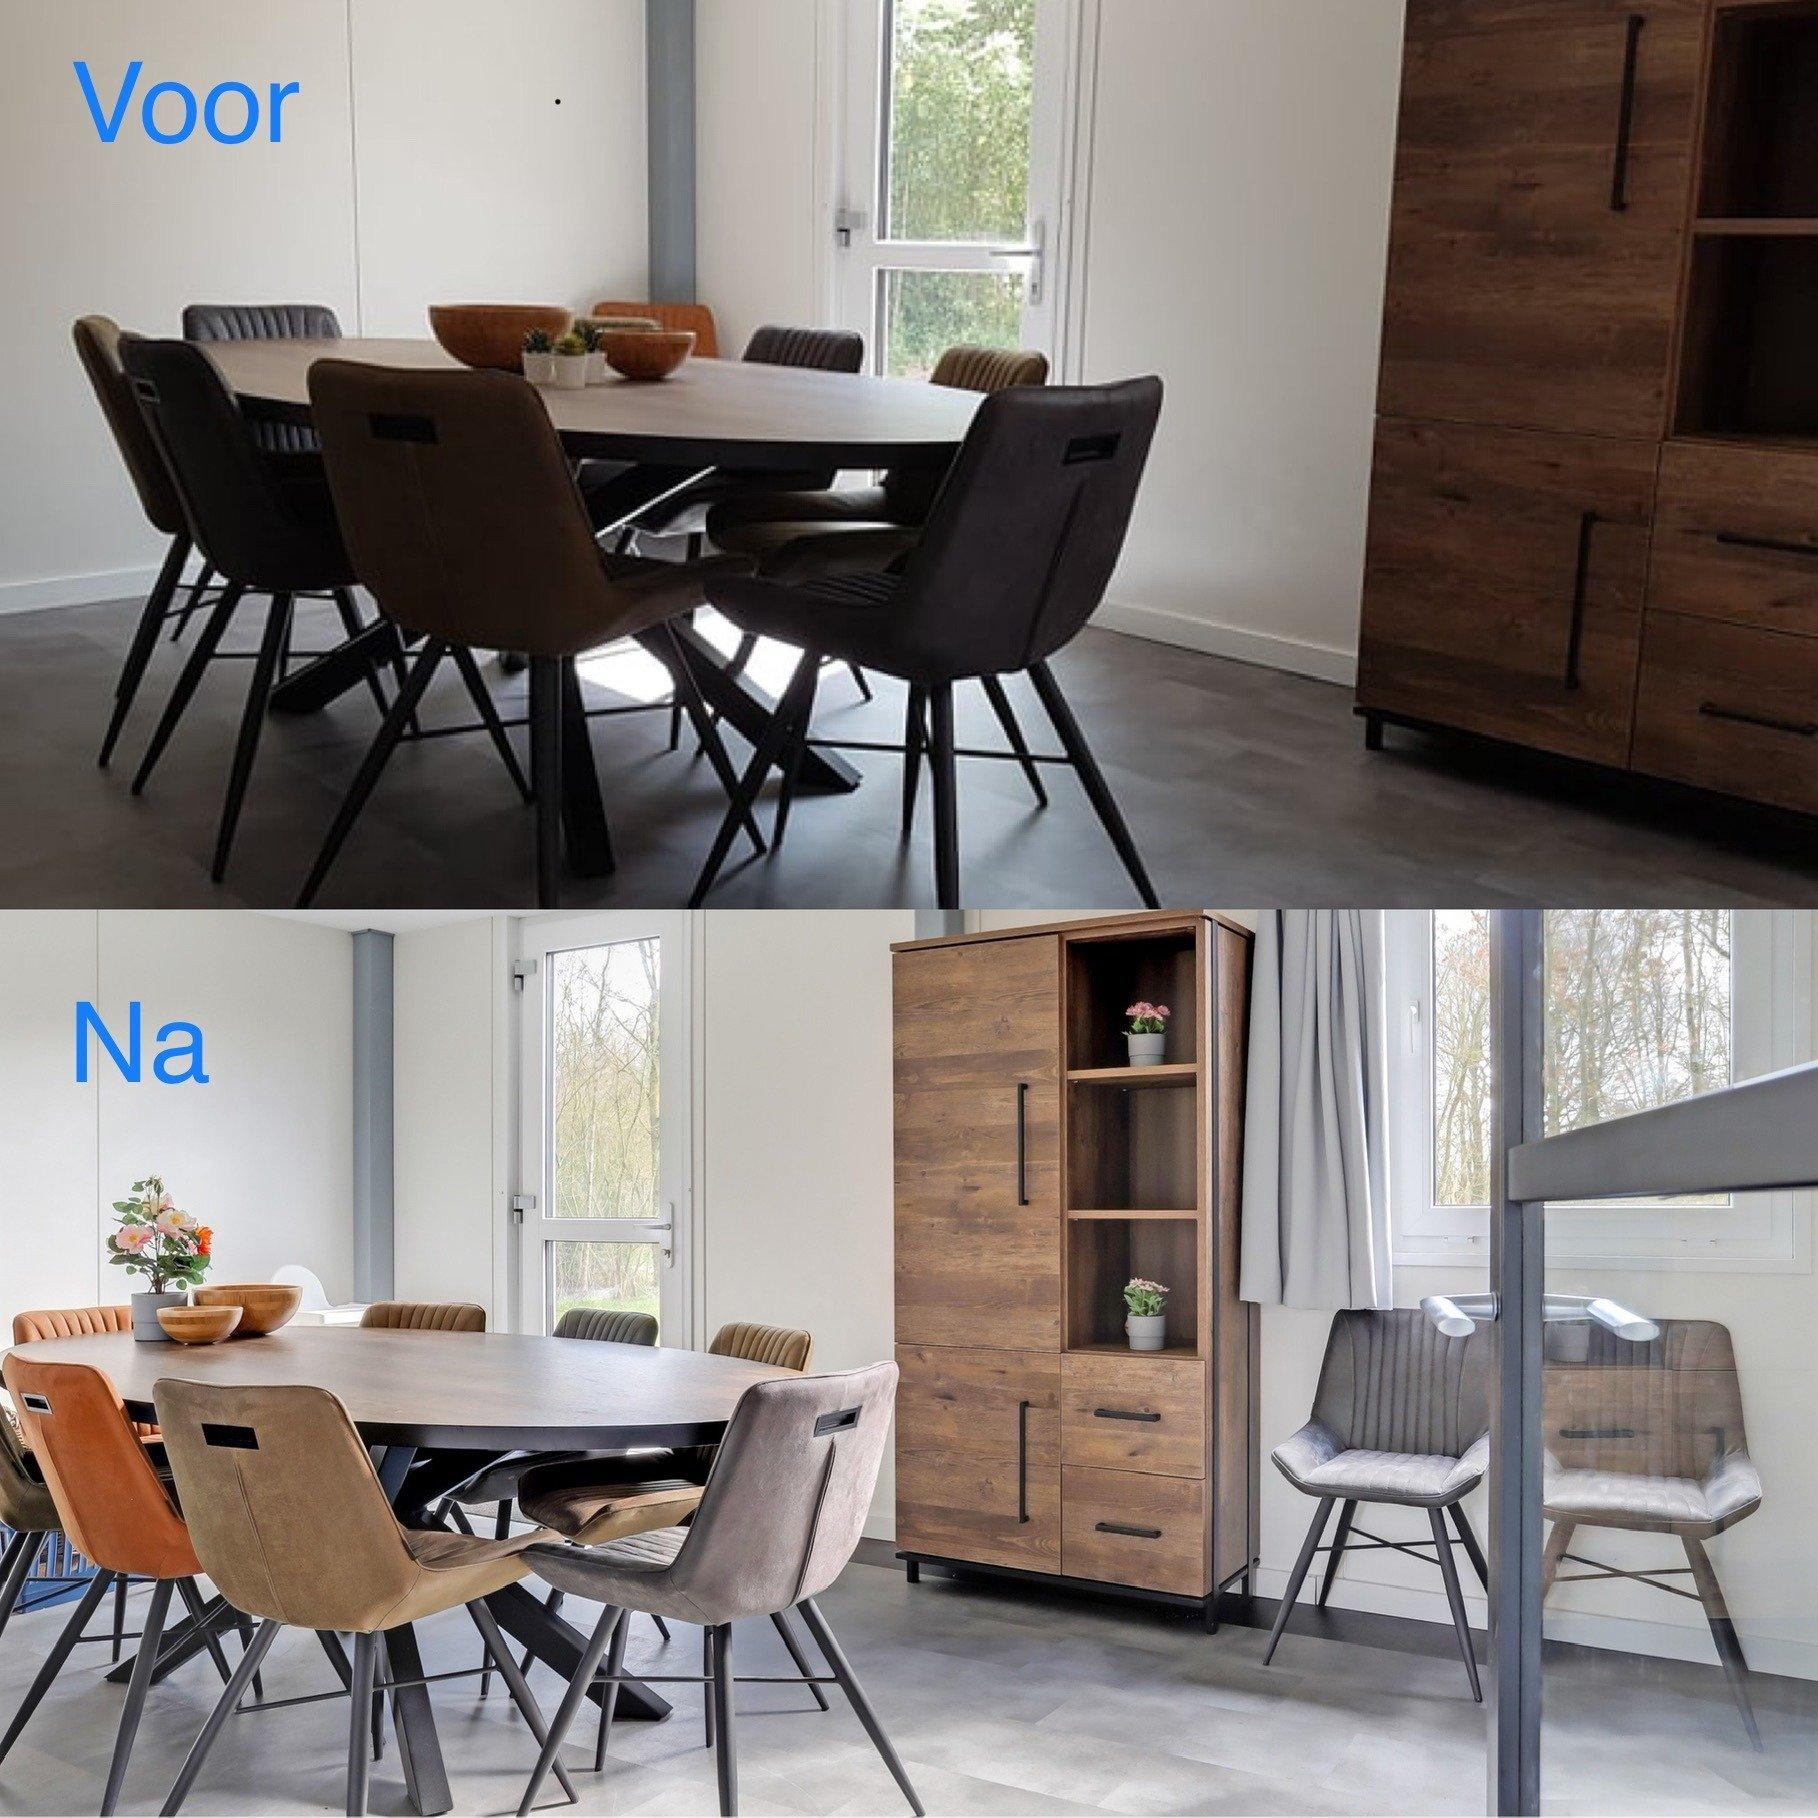 voor en na foto interieur